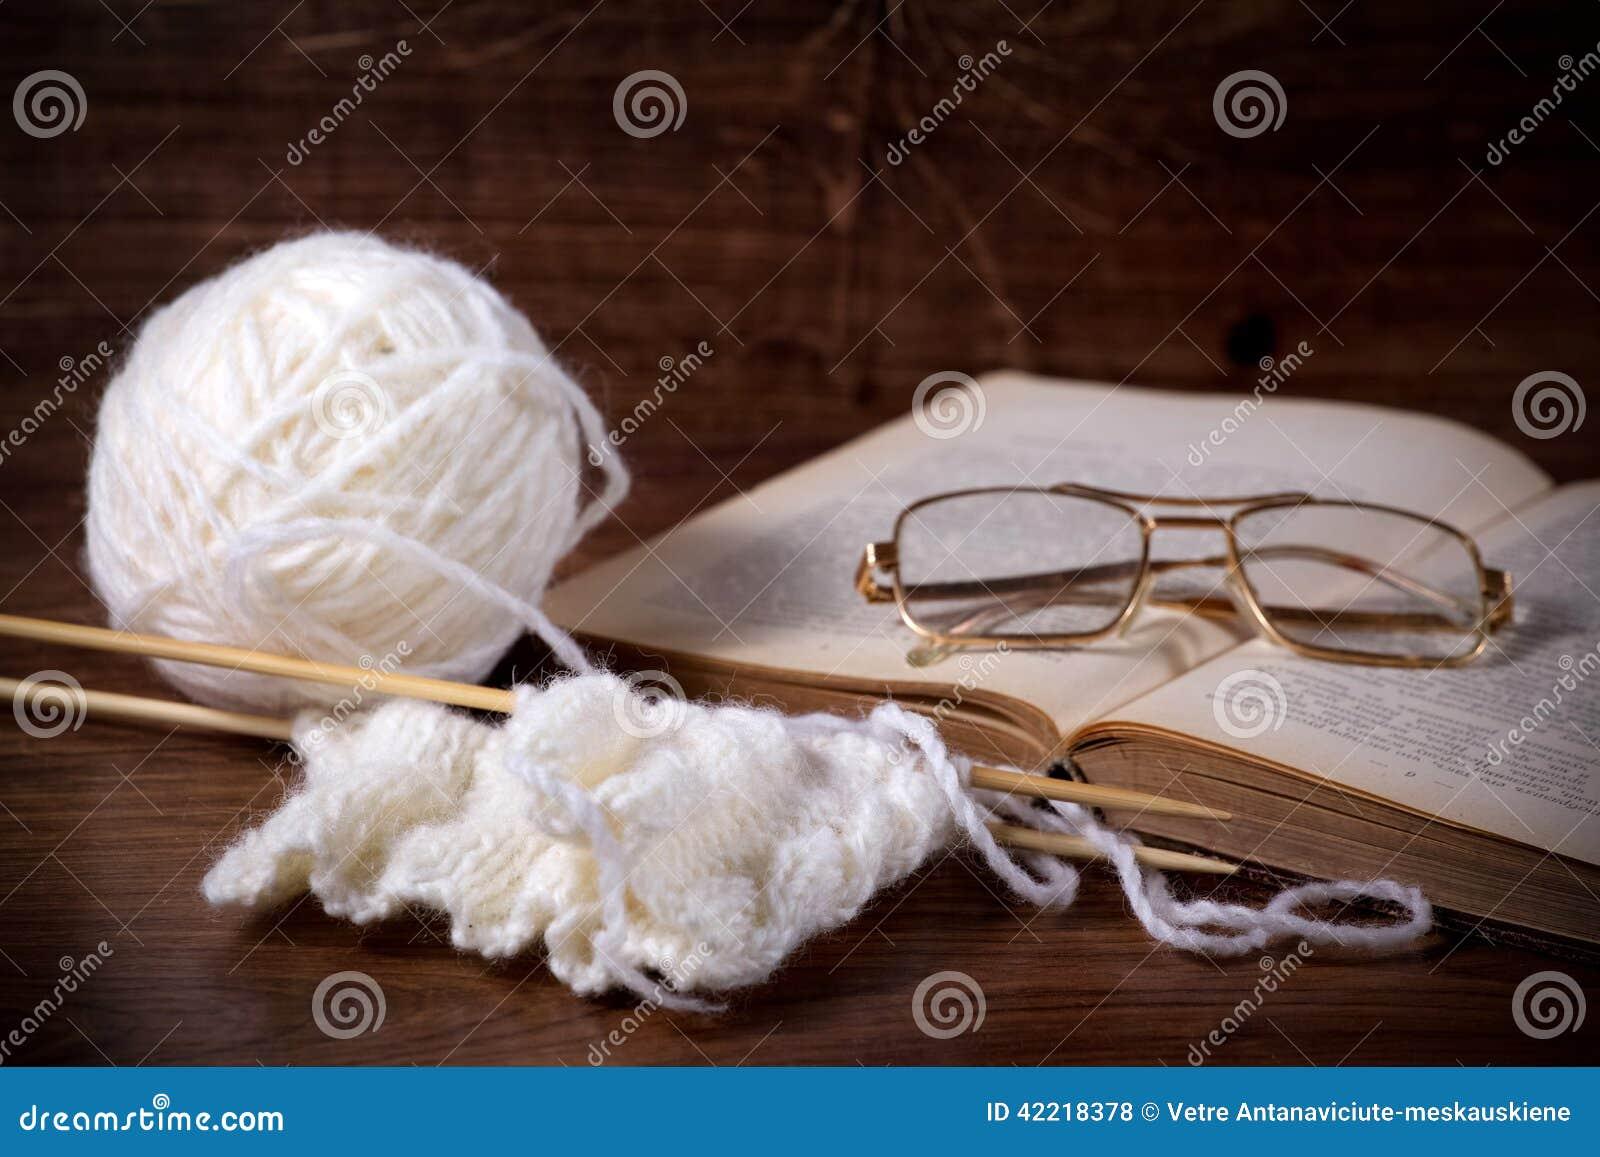 Schlaufen mit Buch und Gläsern